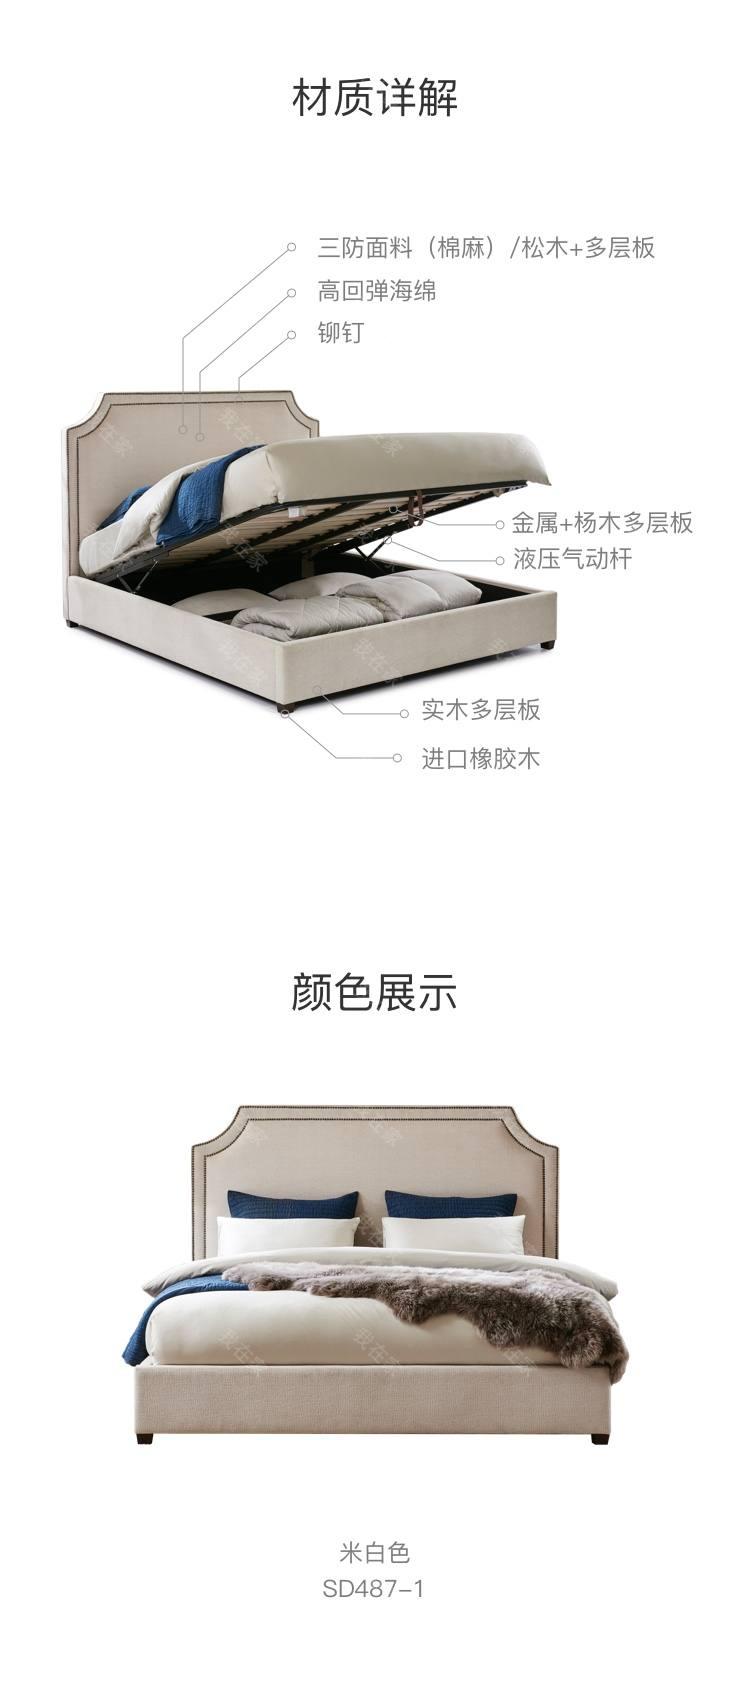 现代美式风格凹角素雅床的家具详细介绍